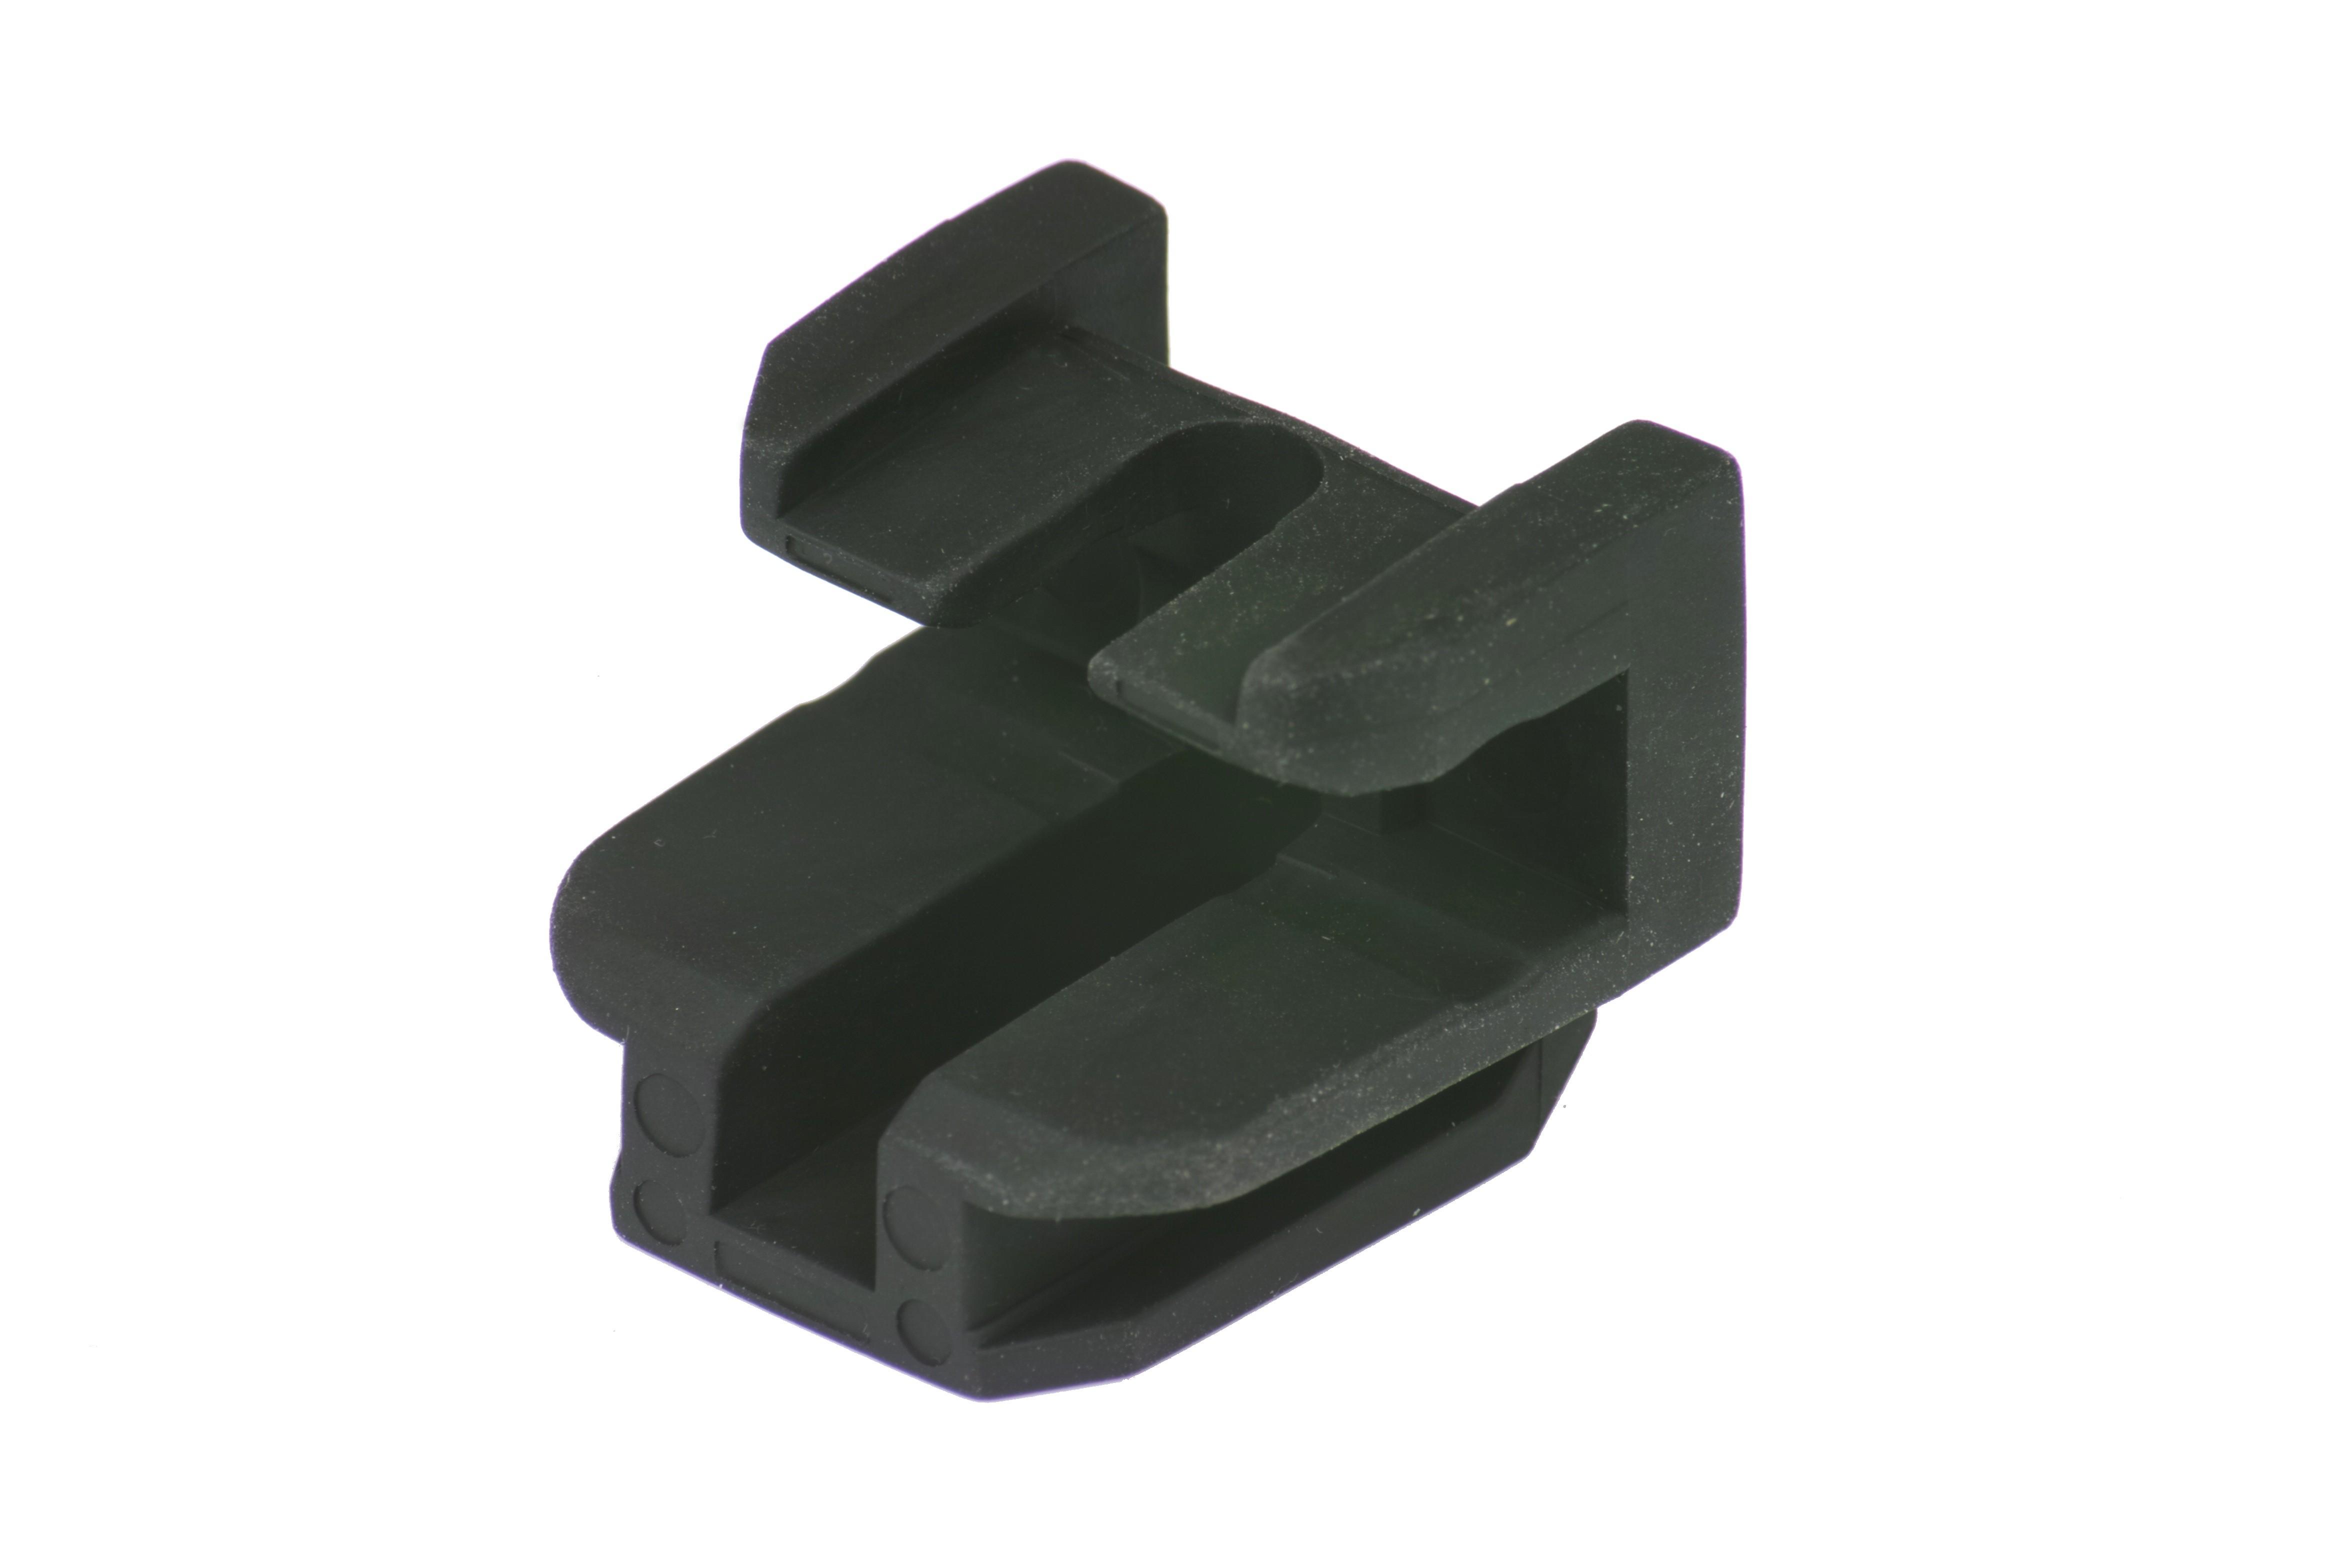 https://w8w5m3f8.stackpathcdn.com/10423/adaptateur-du-rail-de-guidage-pour-porte-bagages-8-mm.jpg